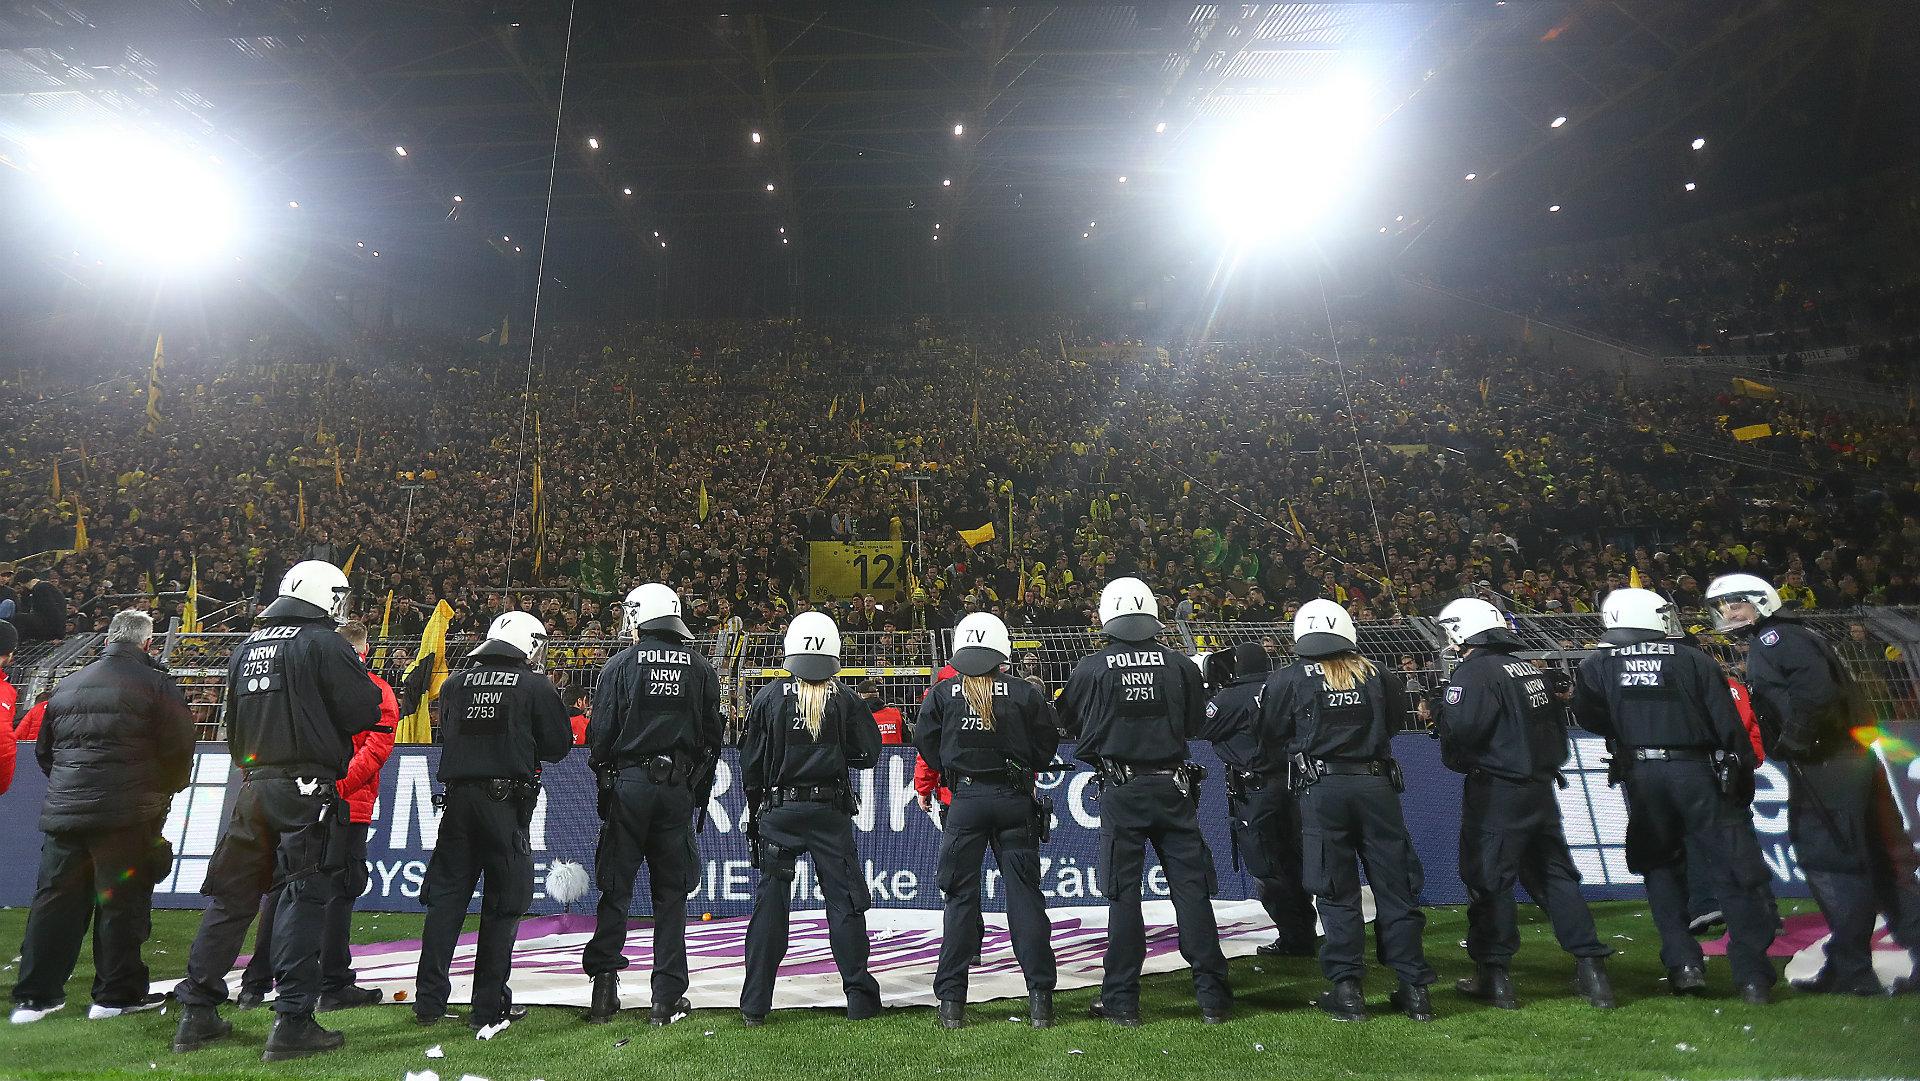 Borussia Dortmund v Schalke, police, 17/18